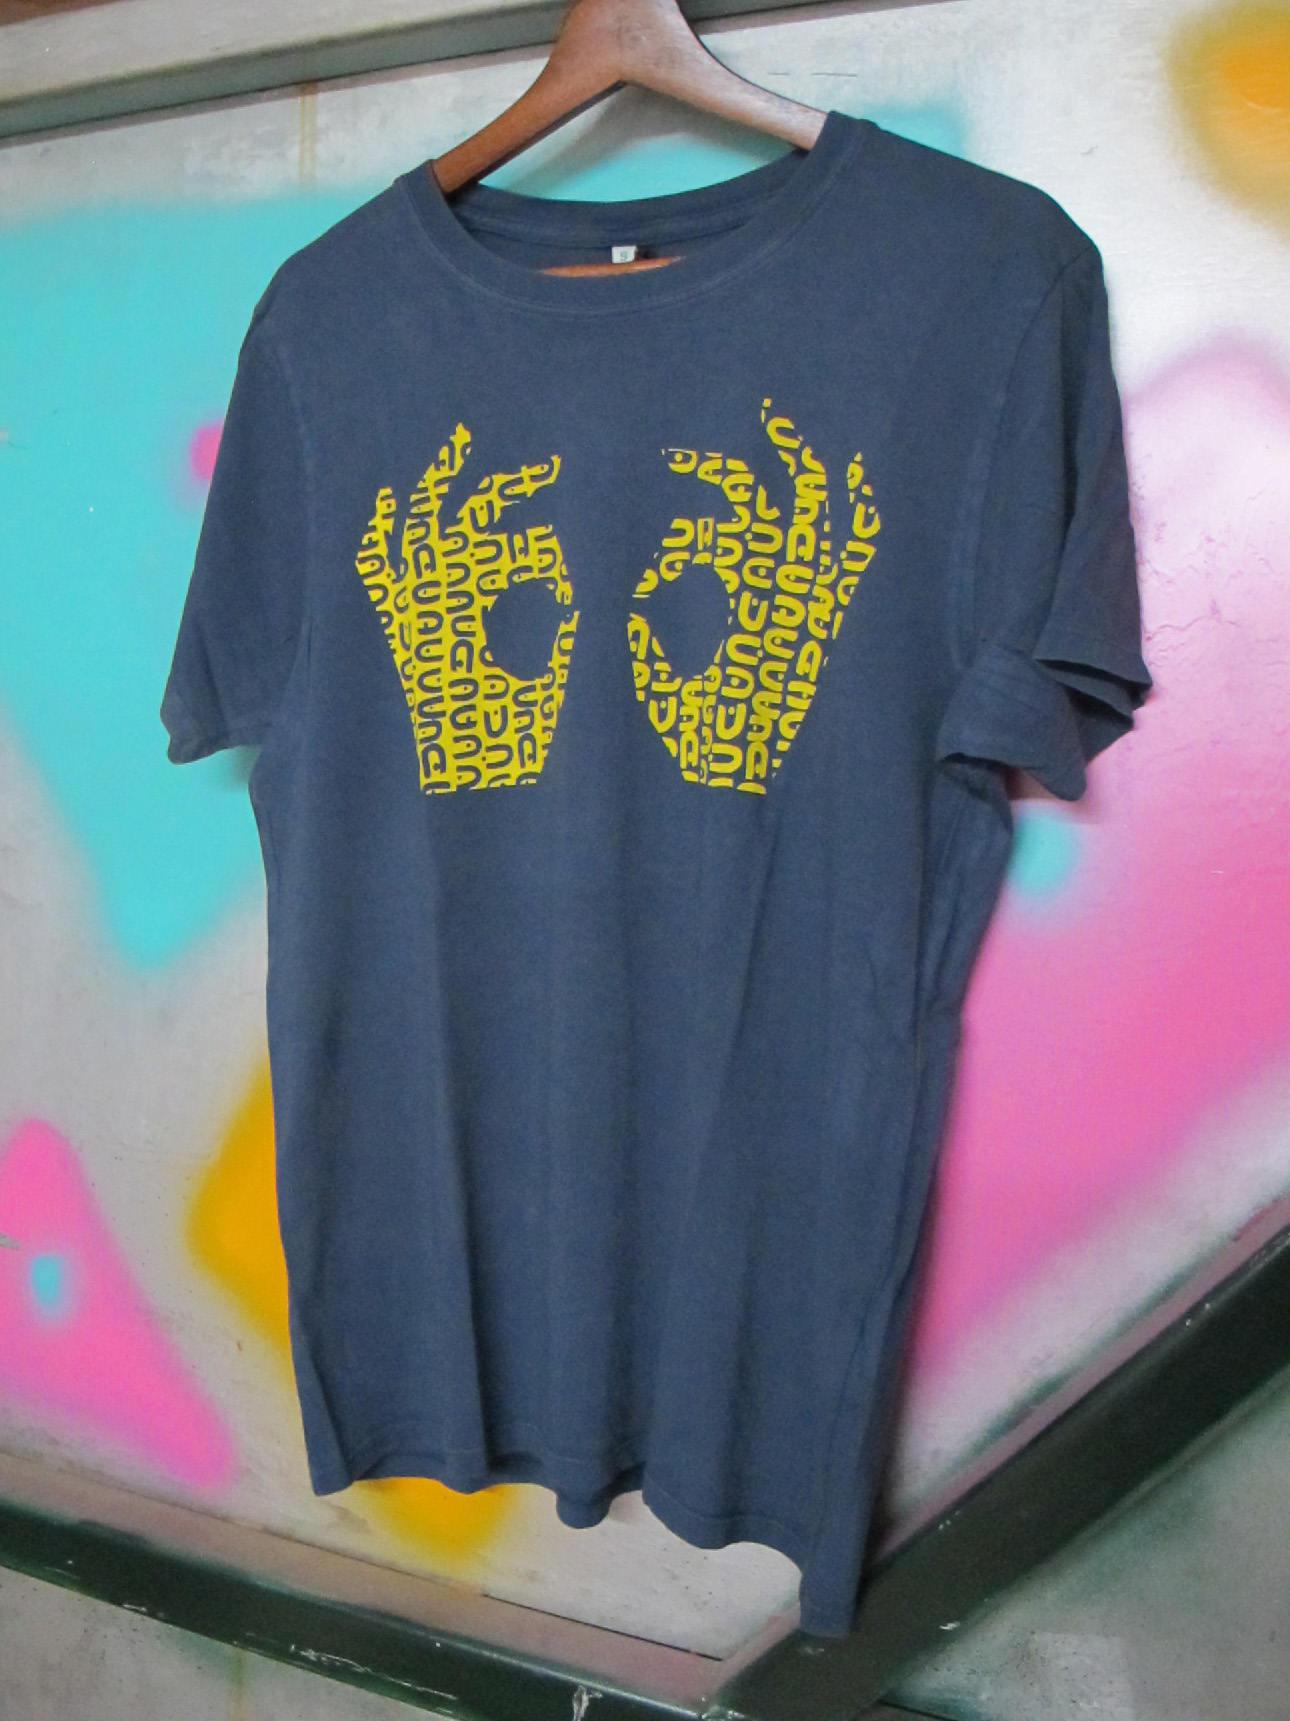 Imprimé en sérigraphie OK T-shirt OK sérigraphie par Anna Bird 7df656 a050b27368b